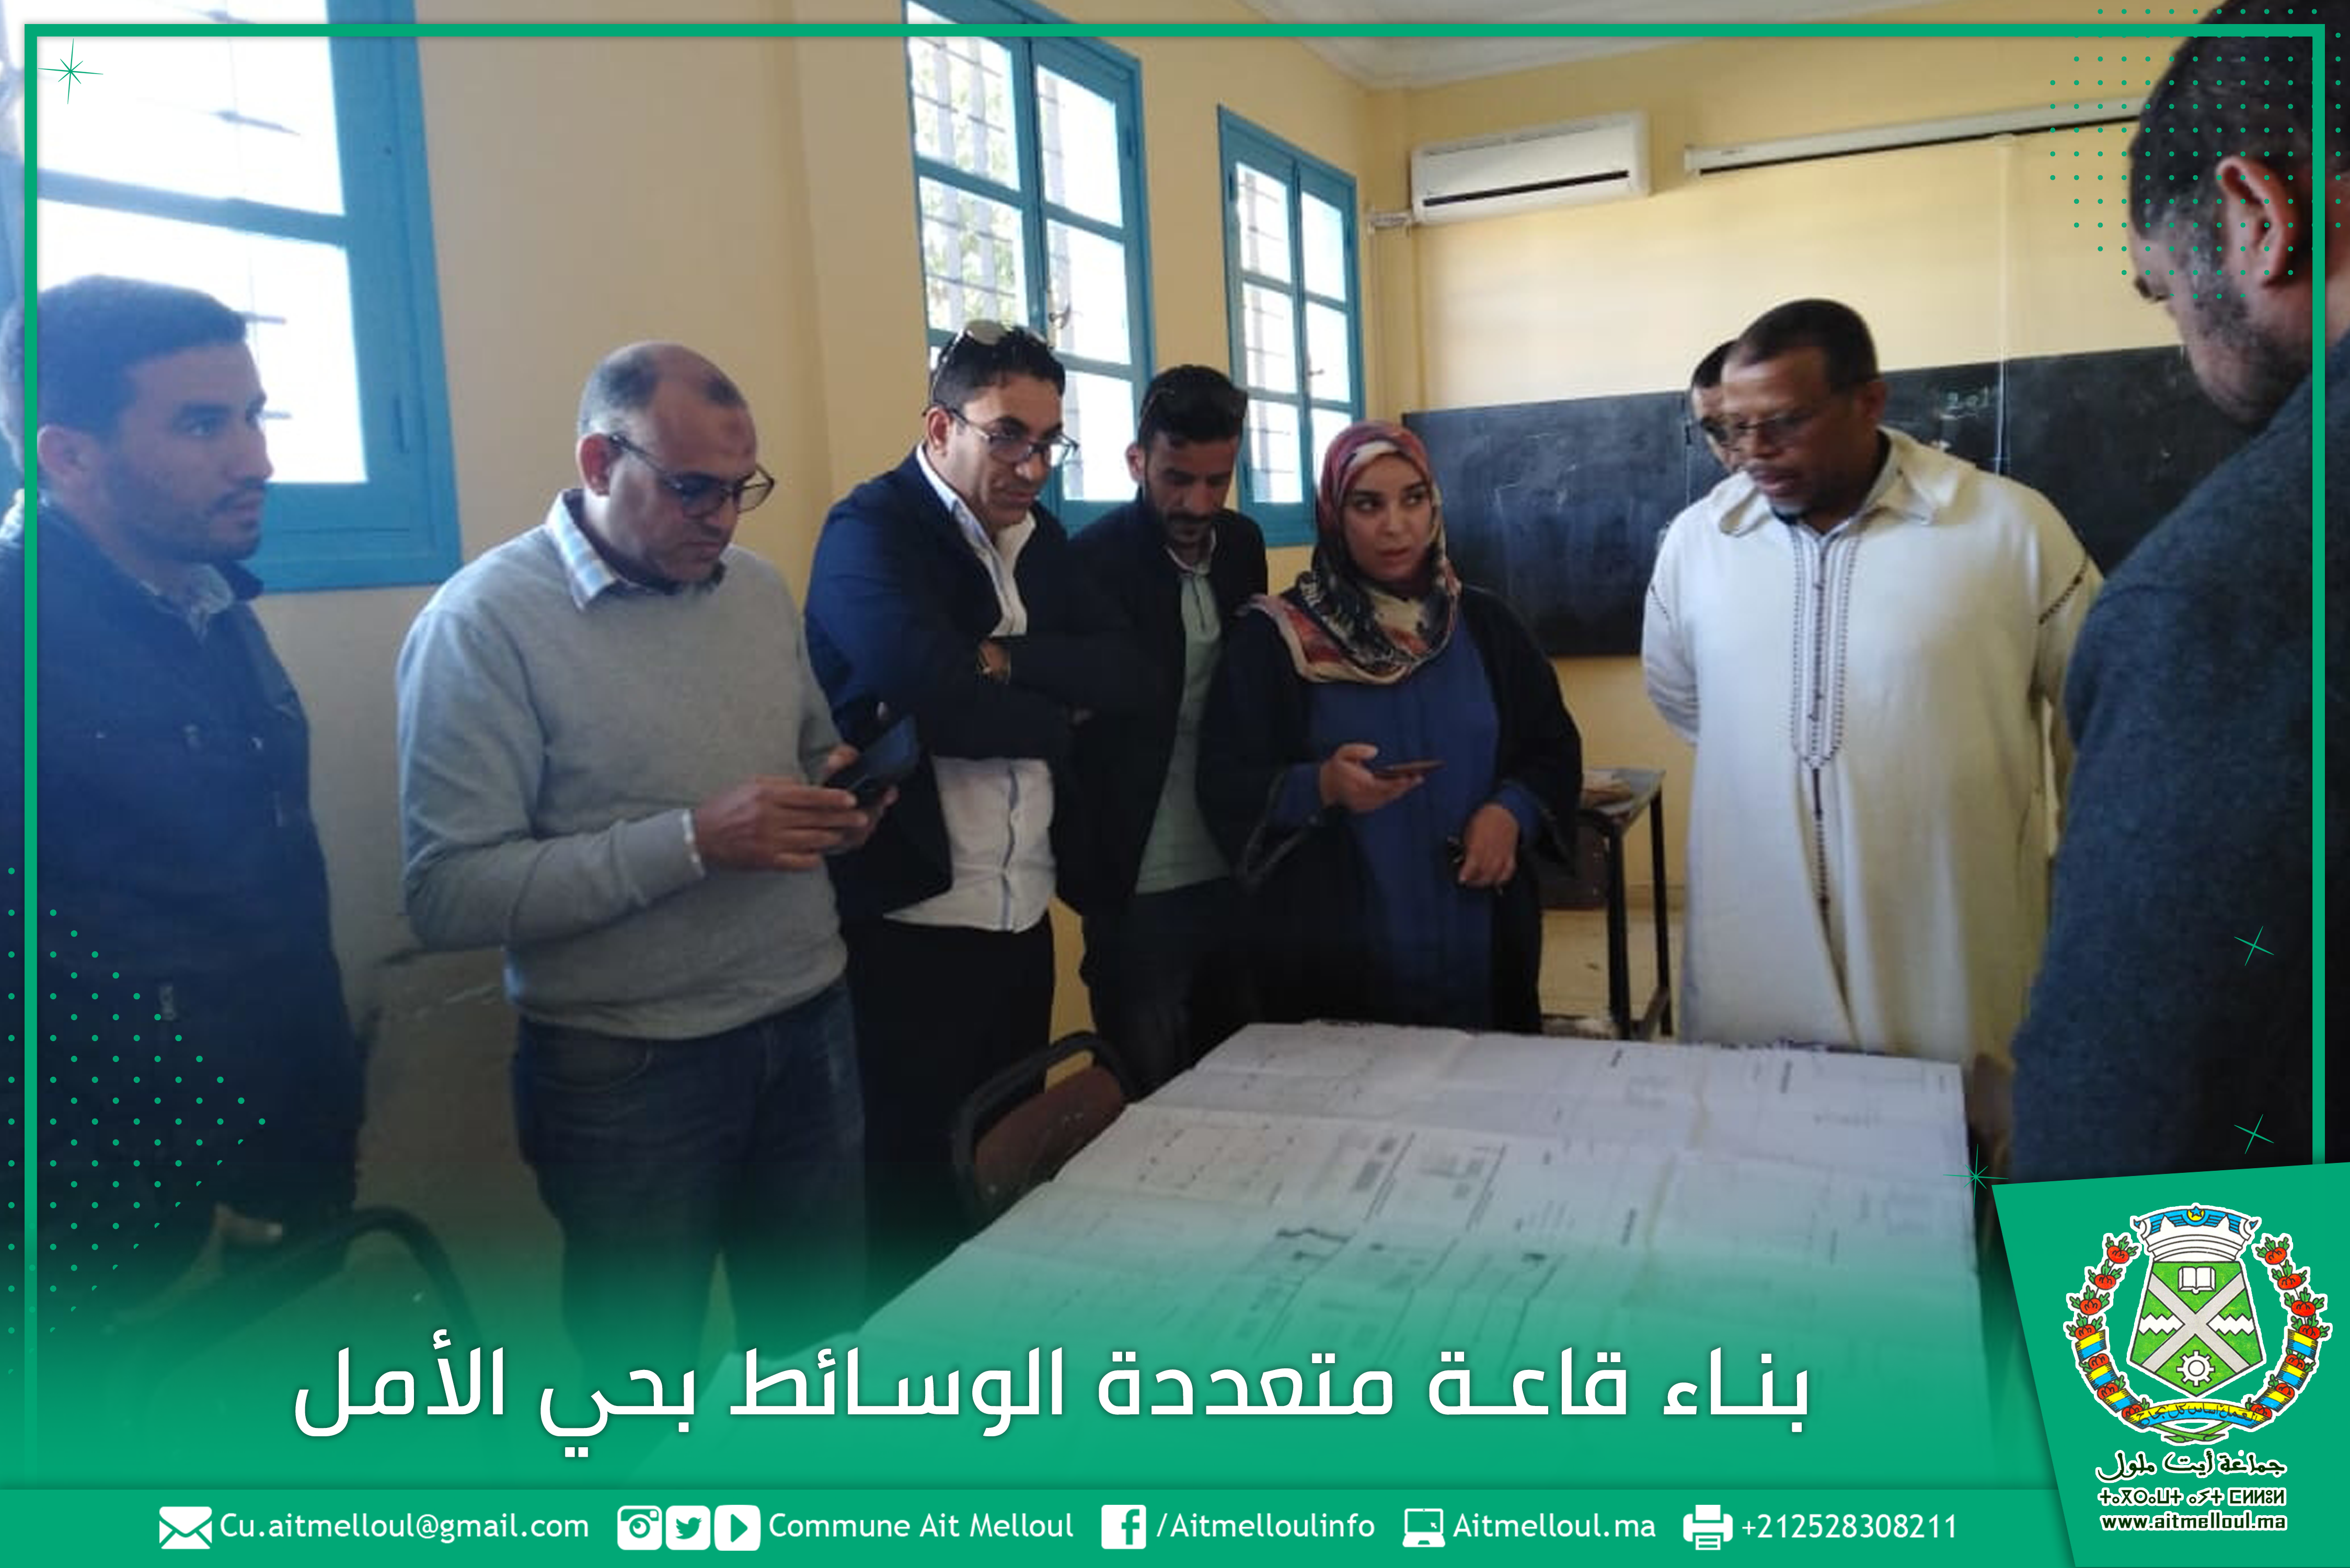 رئيس المجلس يشرف على إنطلاق ورش بناء قاعة متعددة الإستعمالات للشباب بحي الأمل بأيت ملول